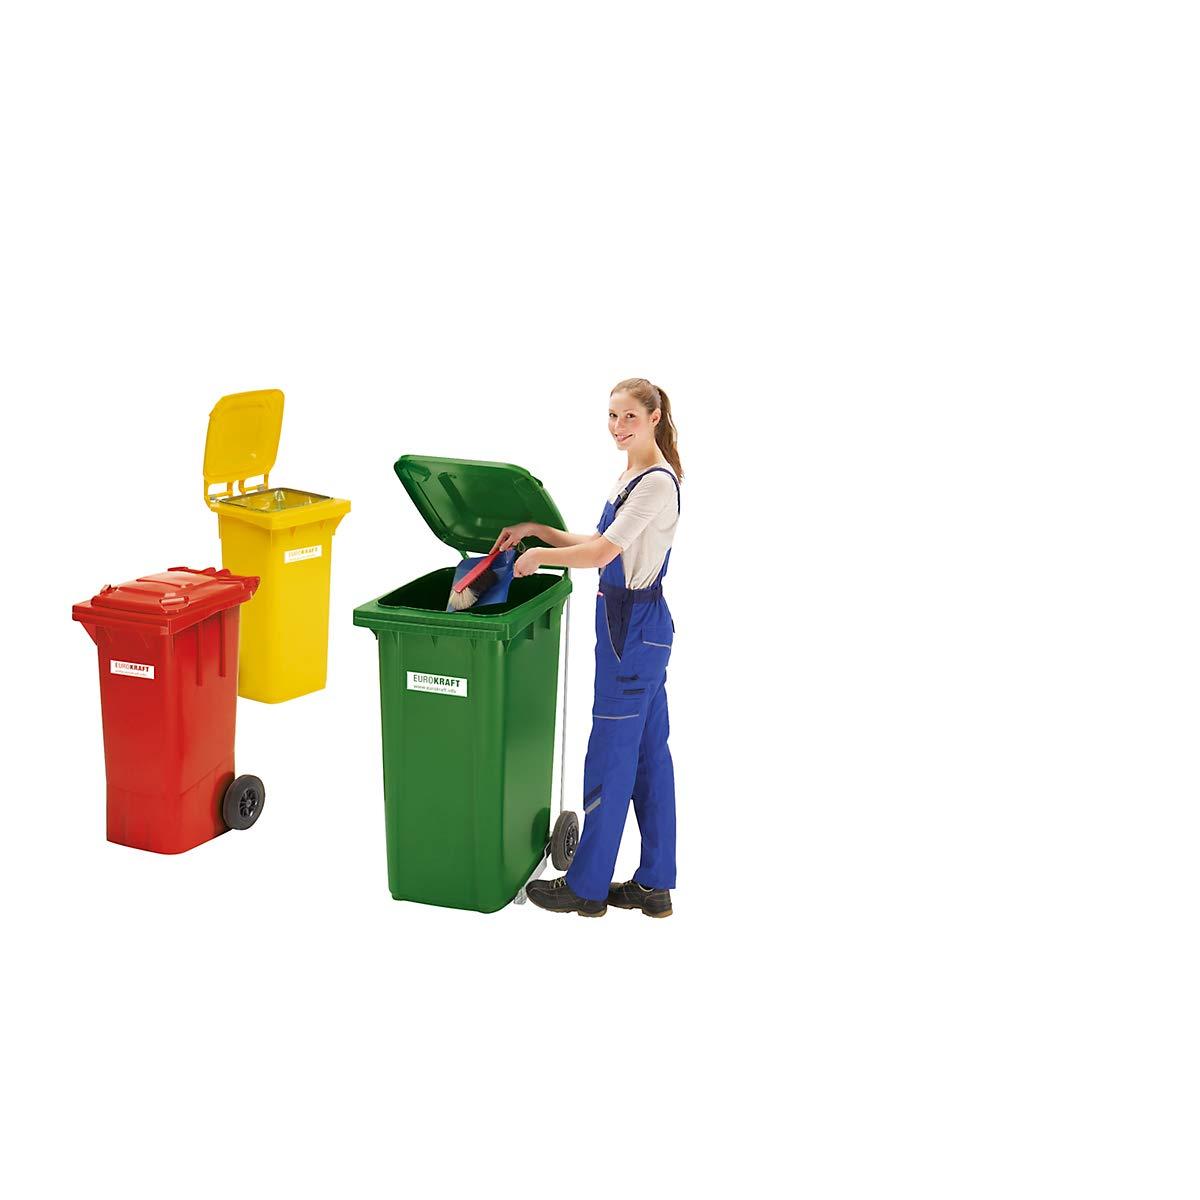 Conteneur /à d/échets Poubelle ext/érieure /Élimination des d/échets Tri des d/échets Jaune capacit/é 360 litres Conteneur /à d/échets en plastique conforme normes Europe